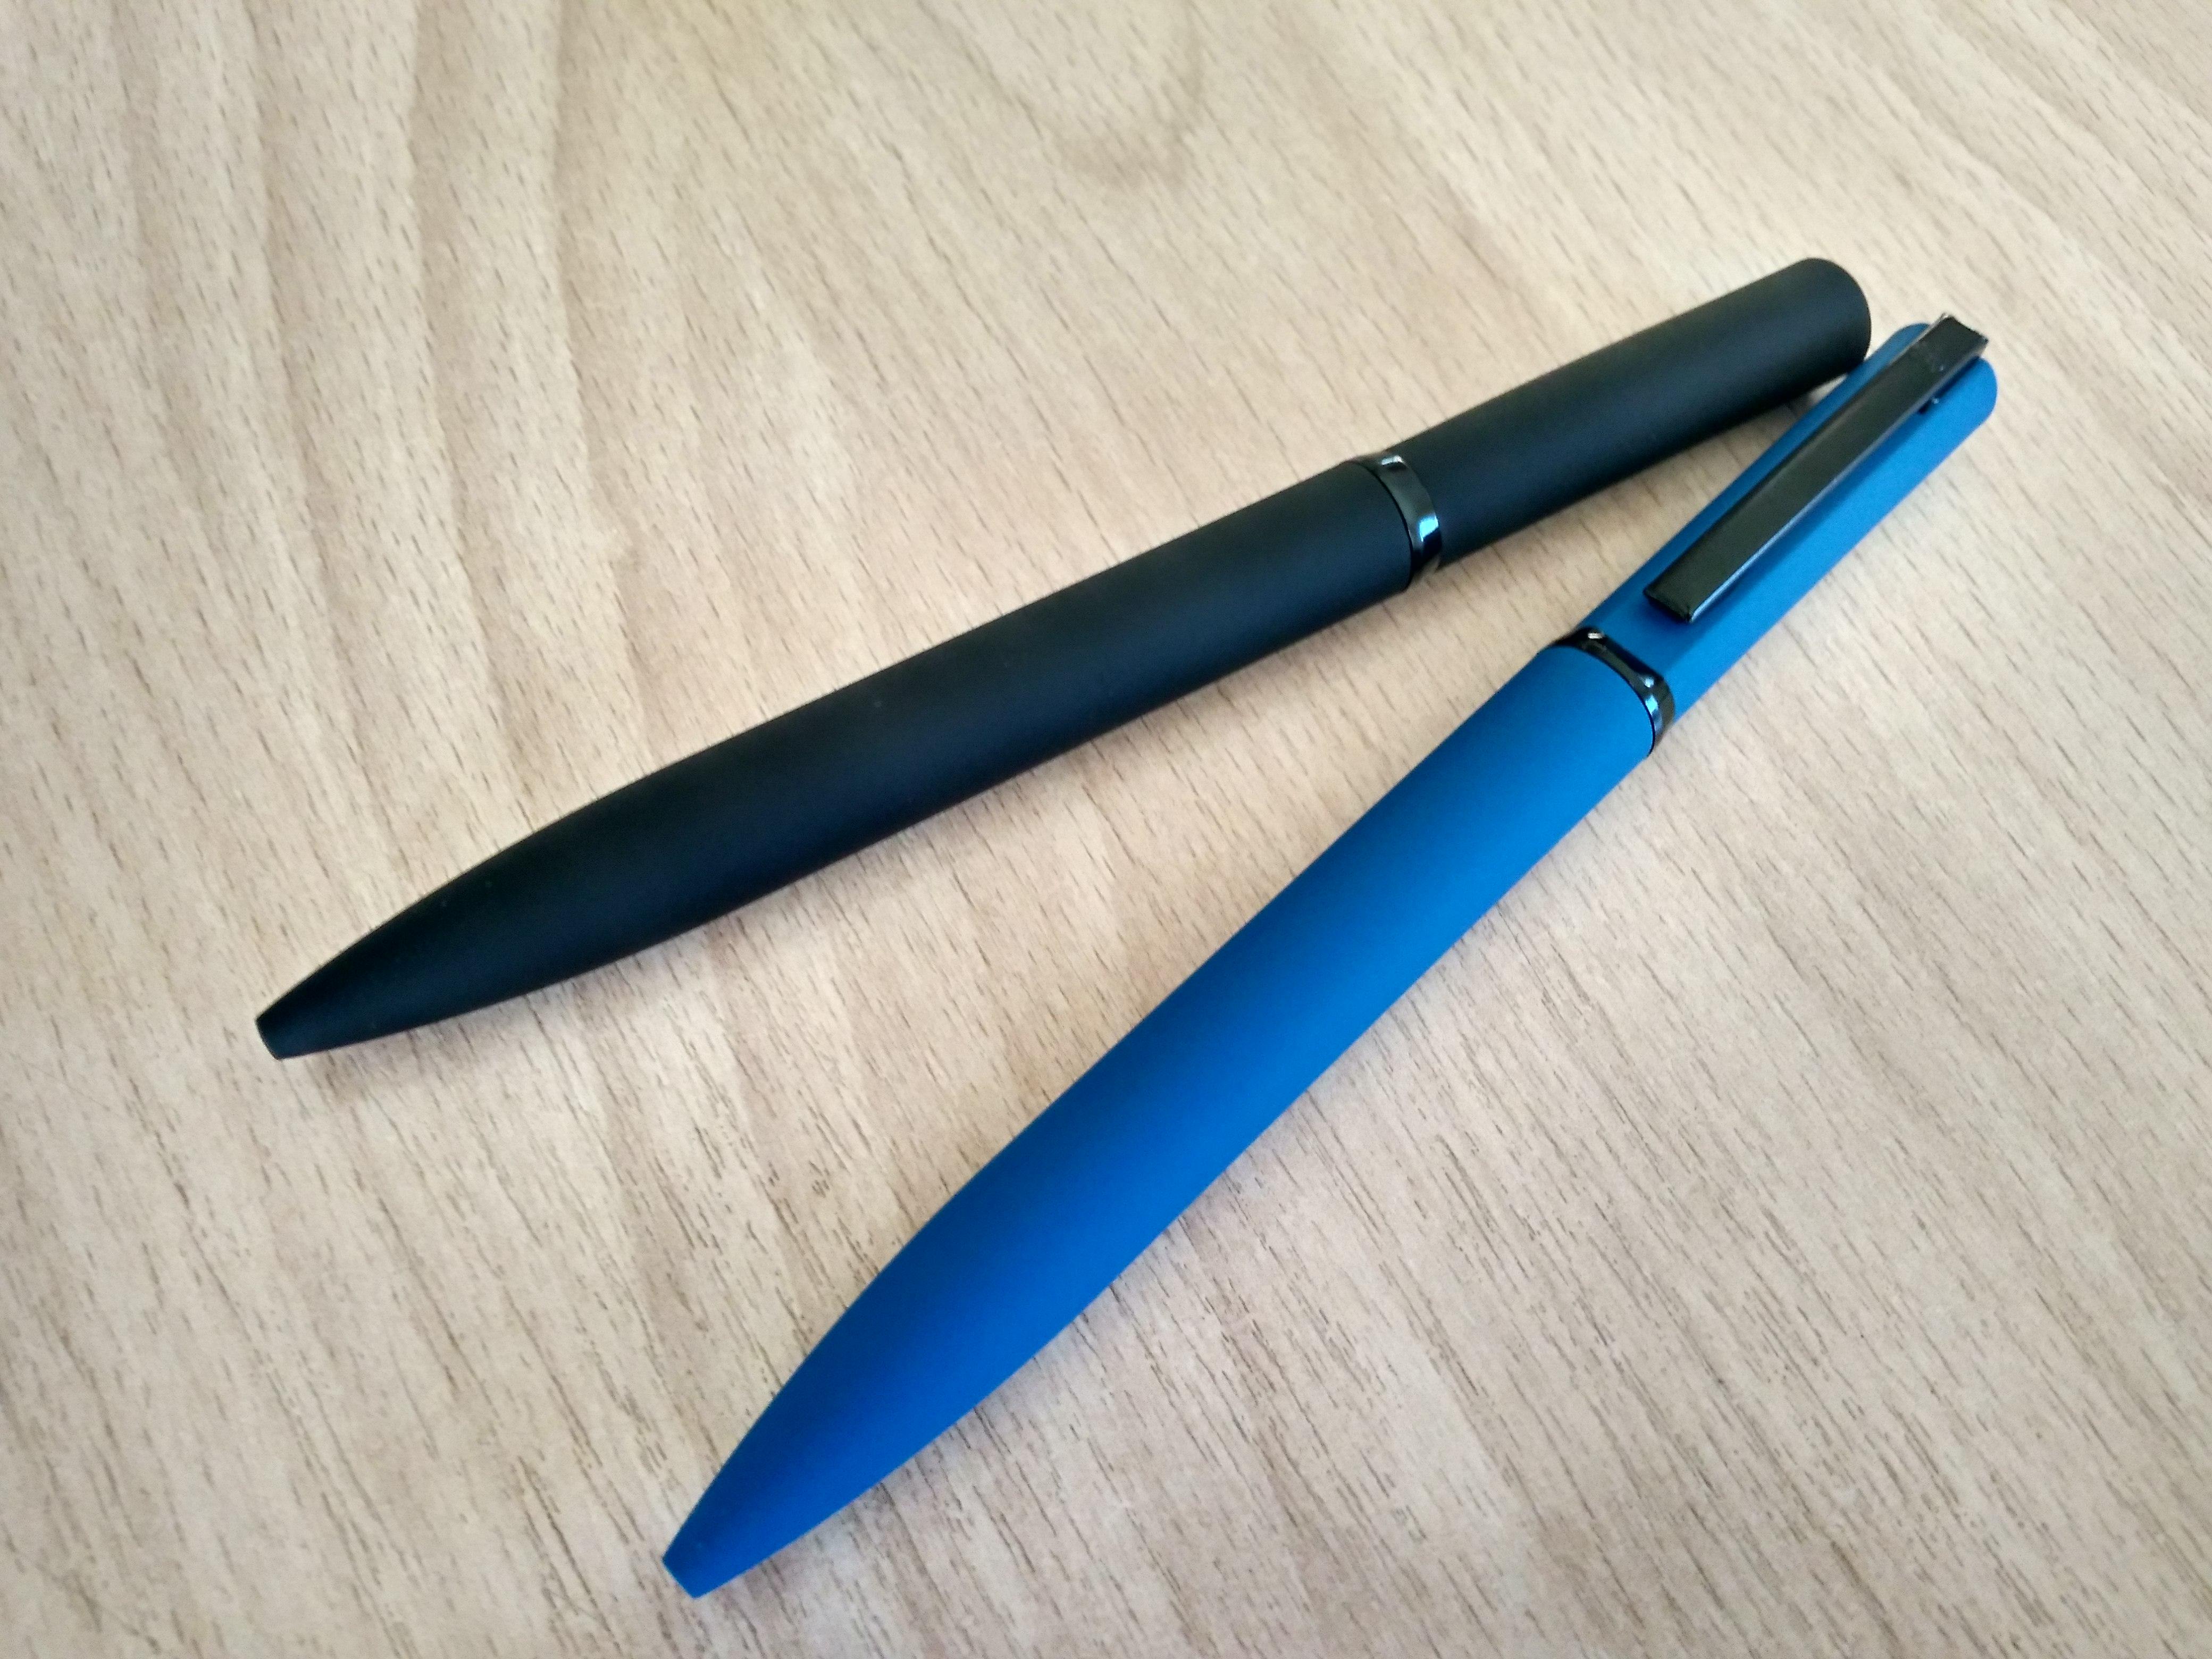 ручки с прорезиненным покрытием